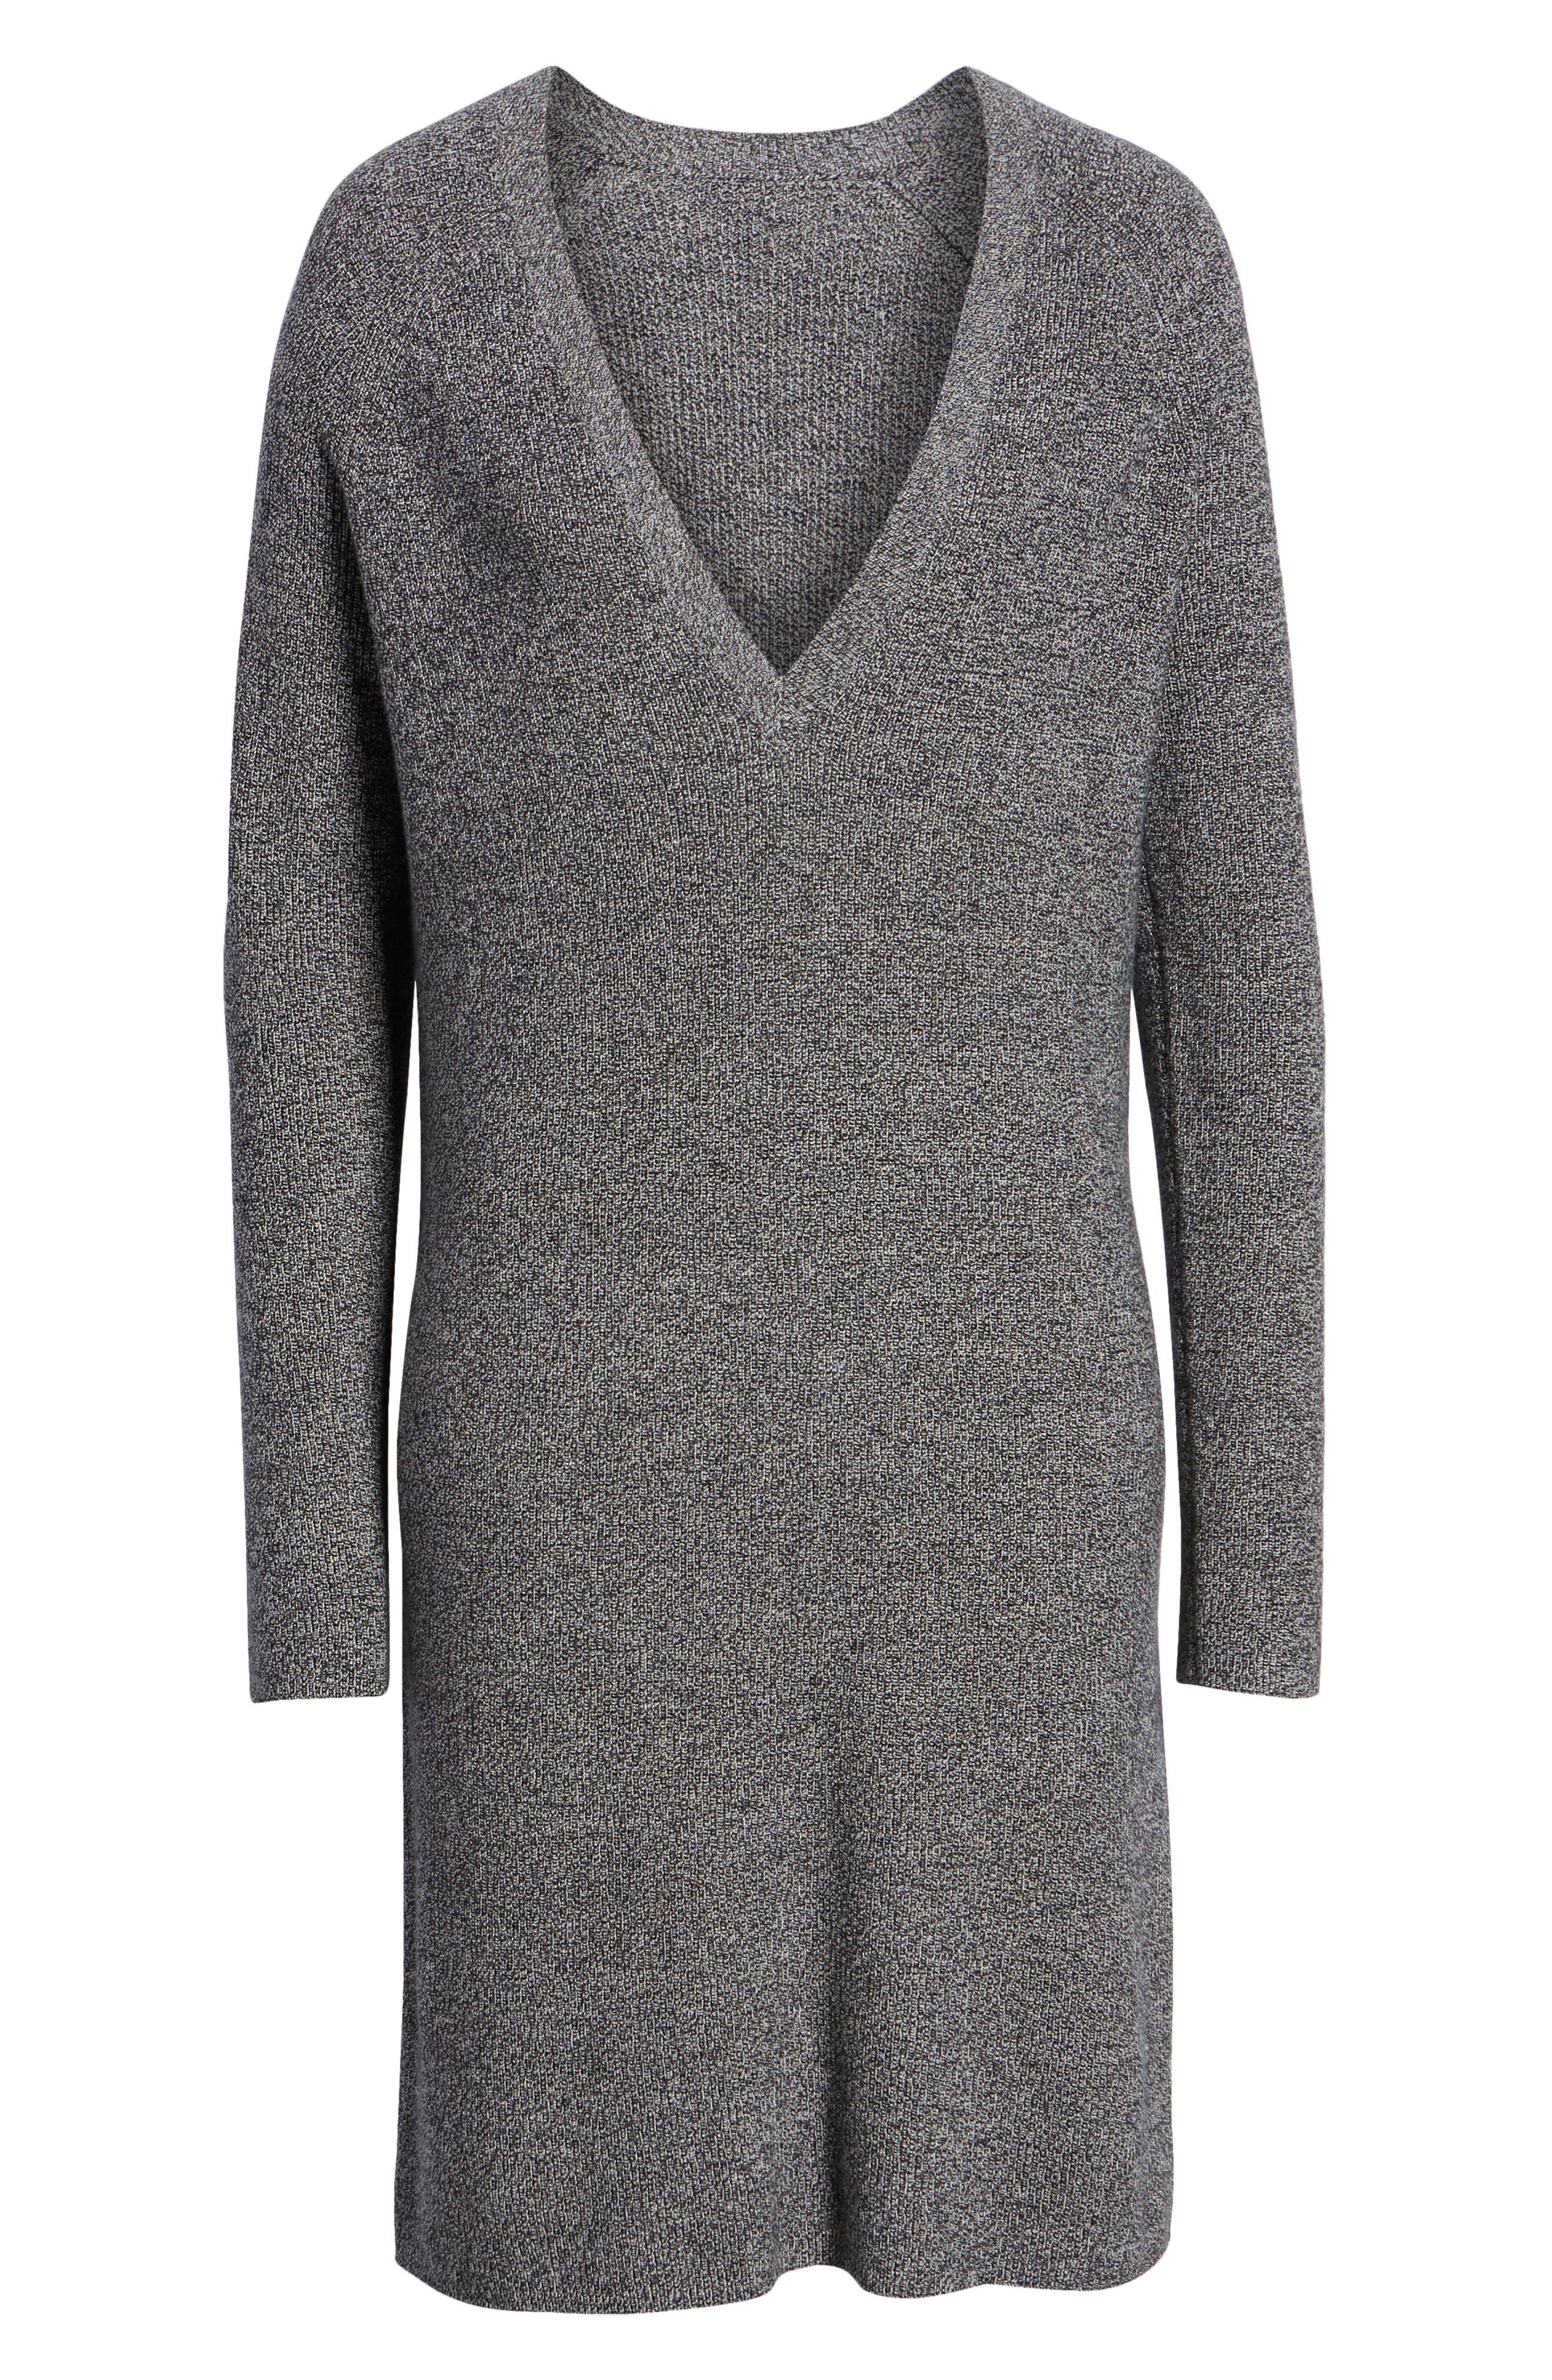 V-Neck Sweater Dress,                             Alternate thumbnail 7, color,                             BLACK- WHITE MARL